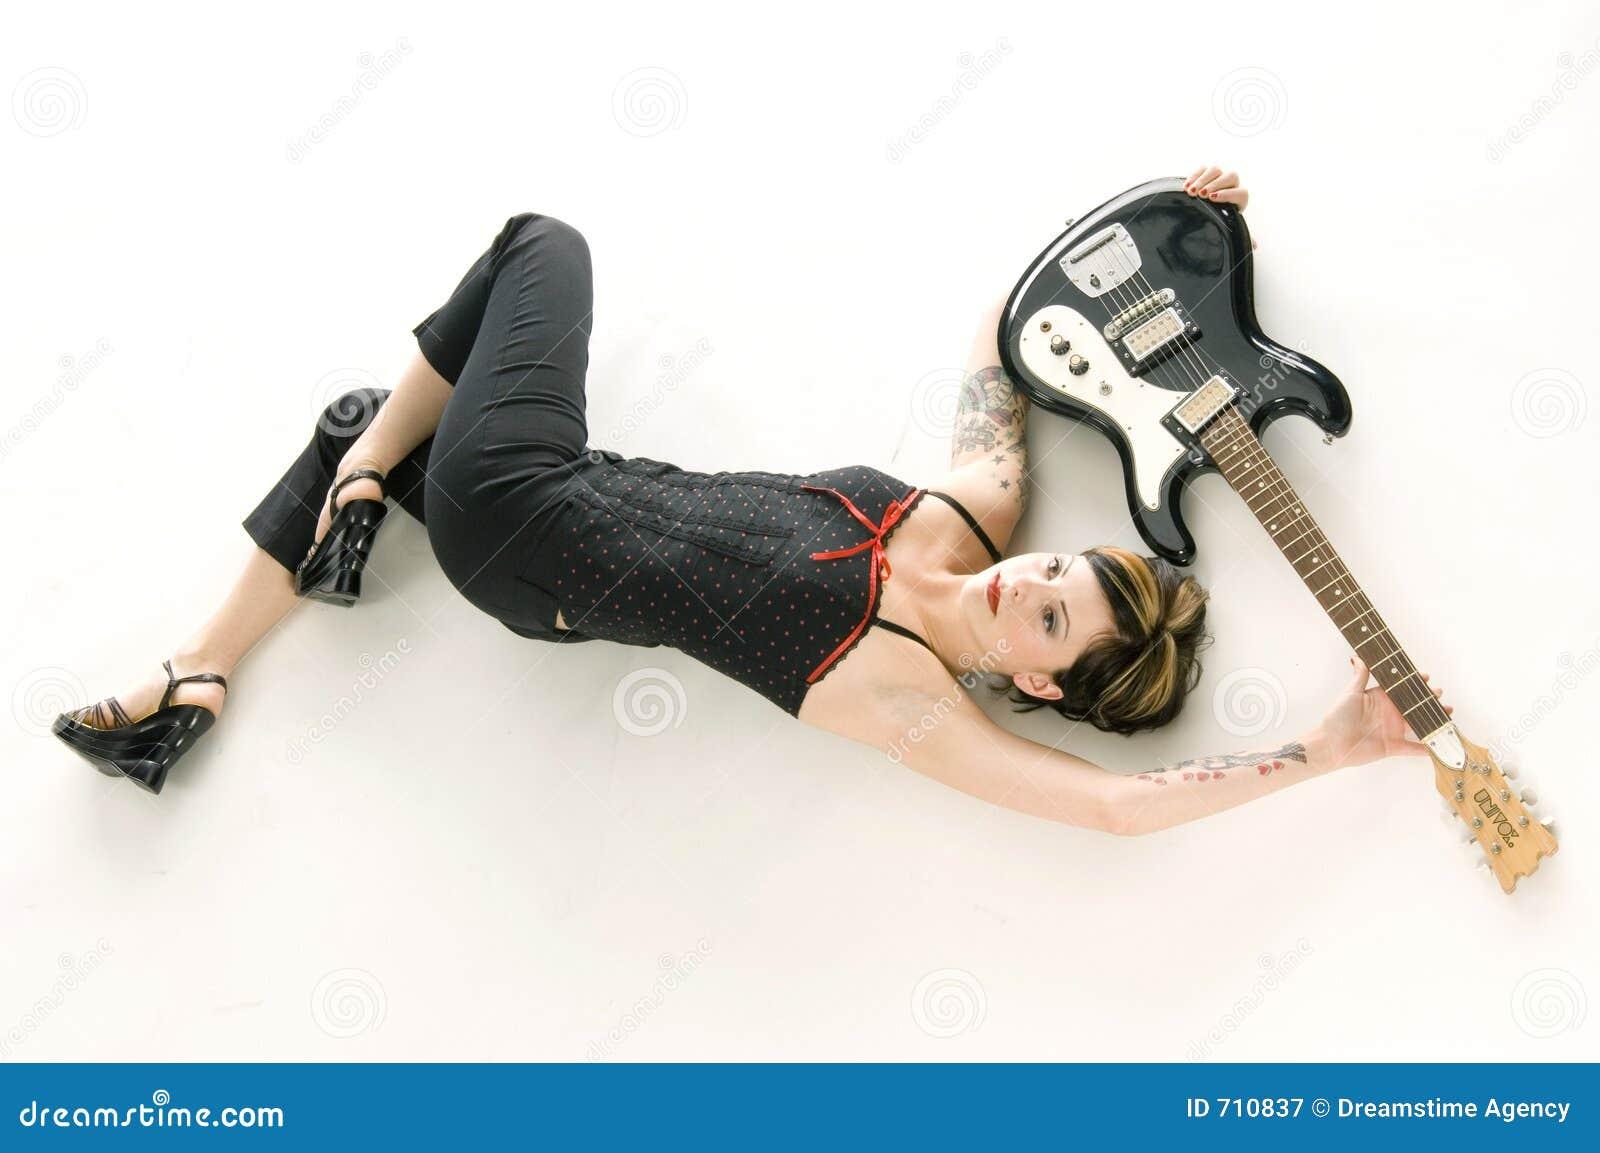 My play strings